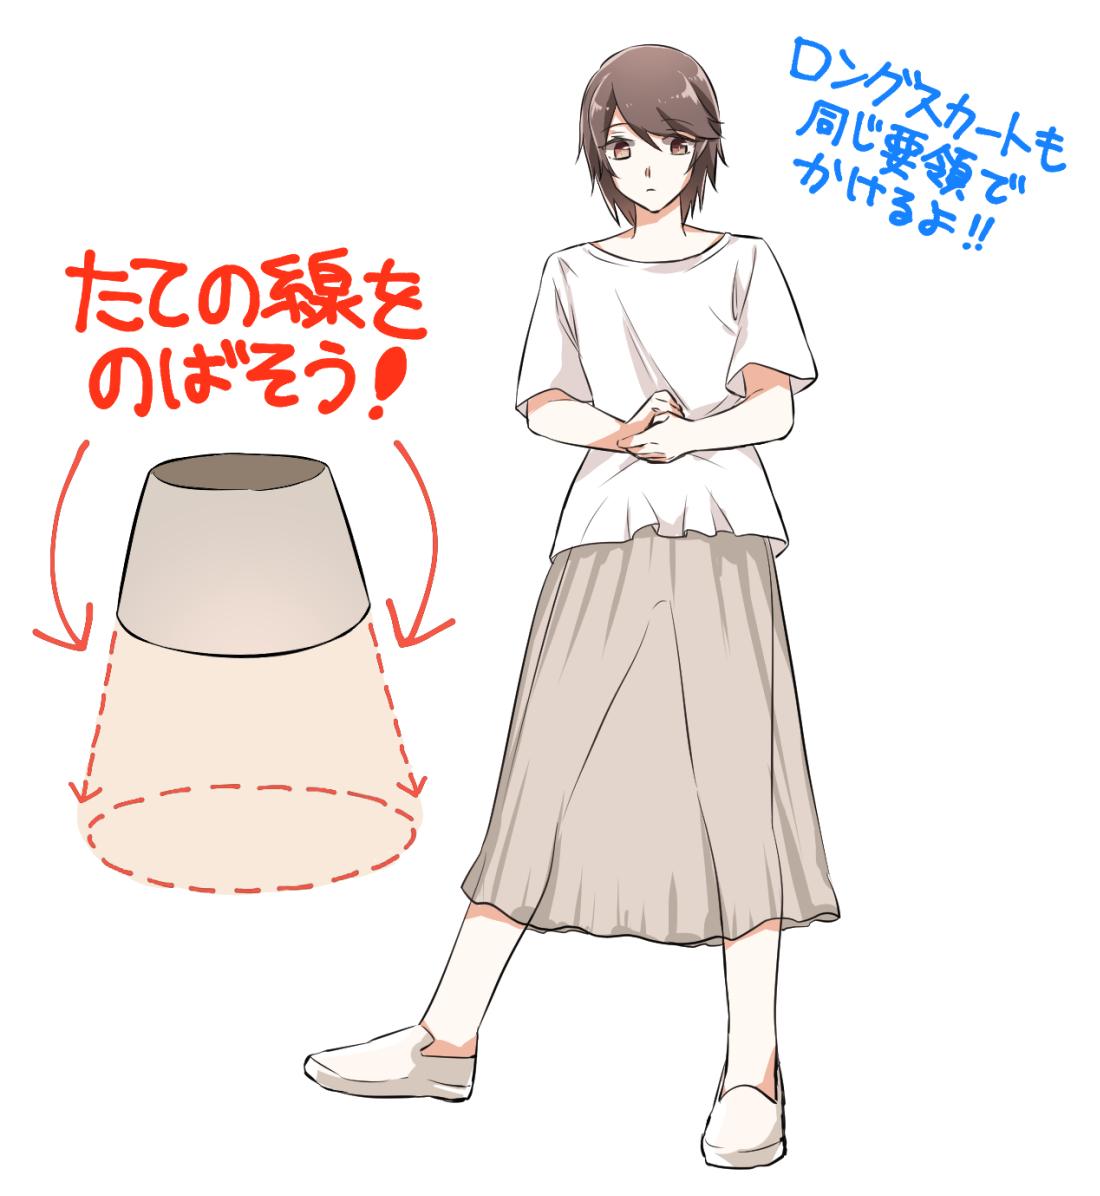 初心者のためのスカートの描き方講座フリルプリーツシワ